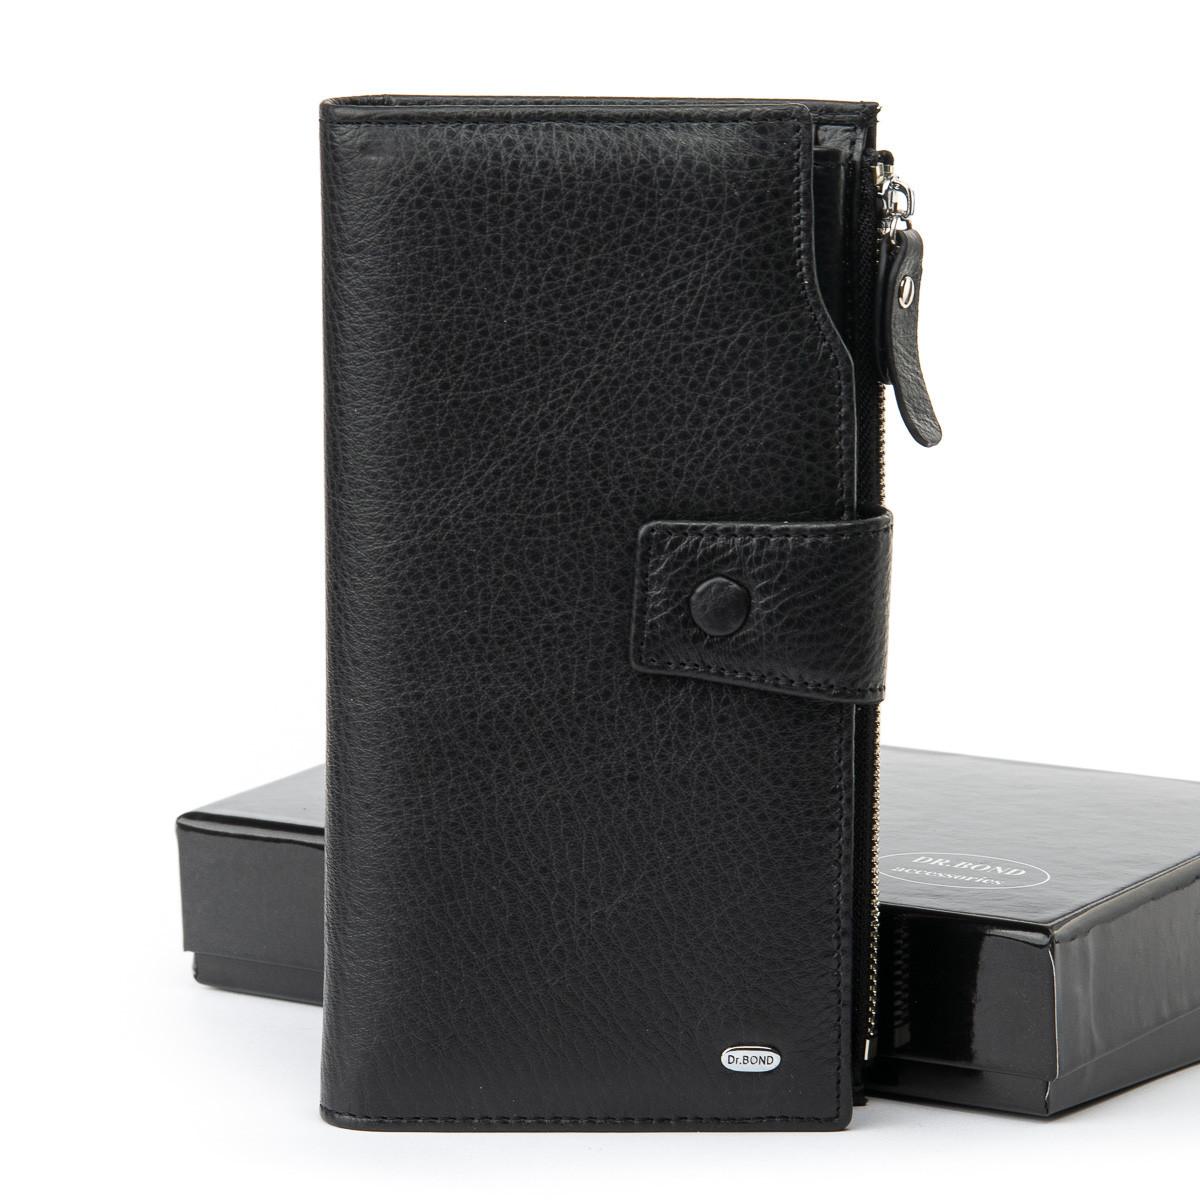 Мужской кожаный кошелек Dr.BOND 10 x 19 x 3 см Черный (mb-2)